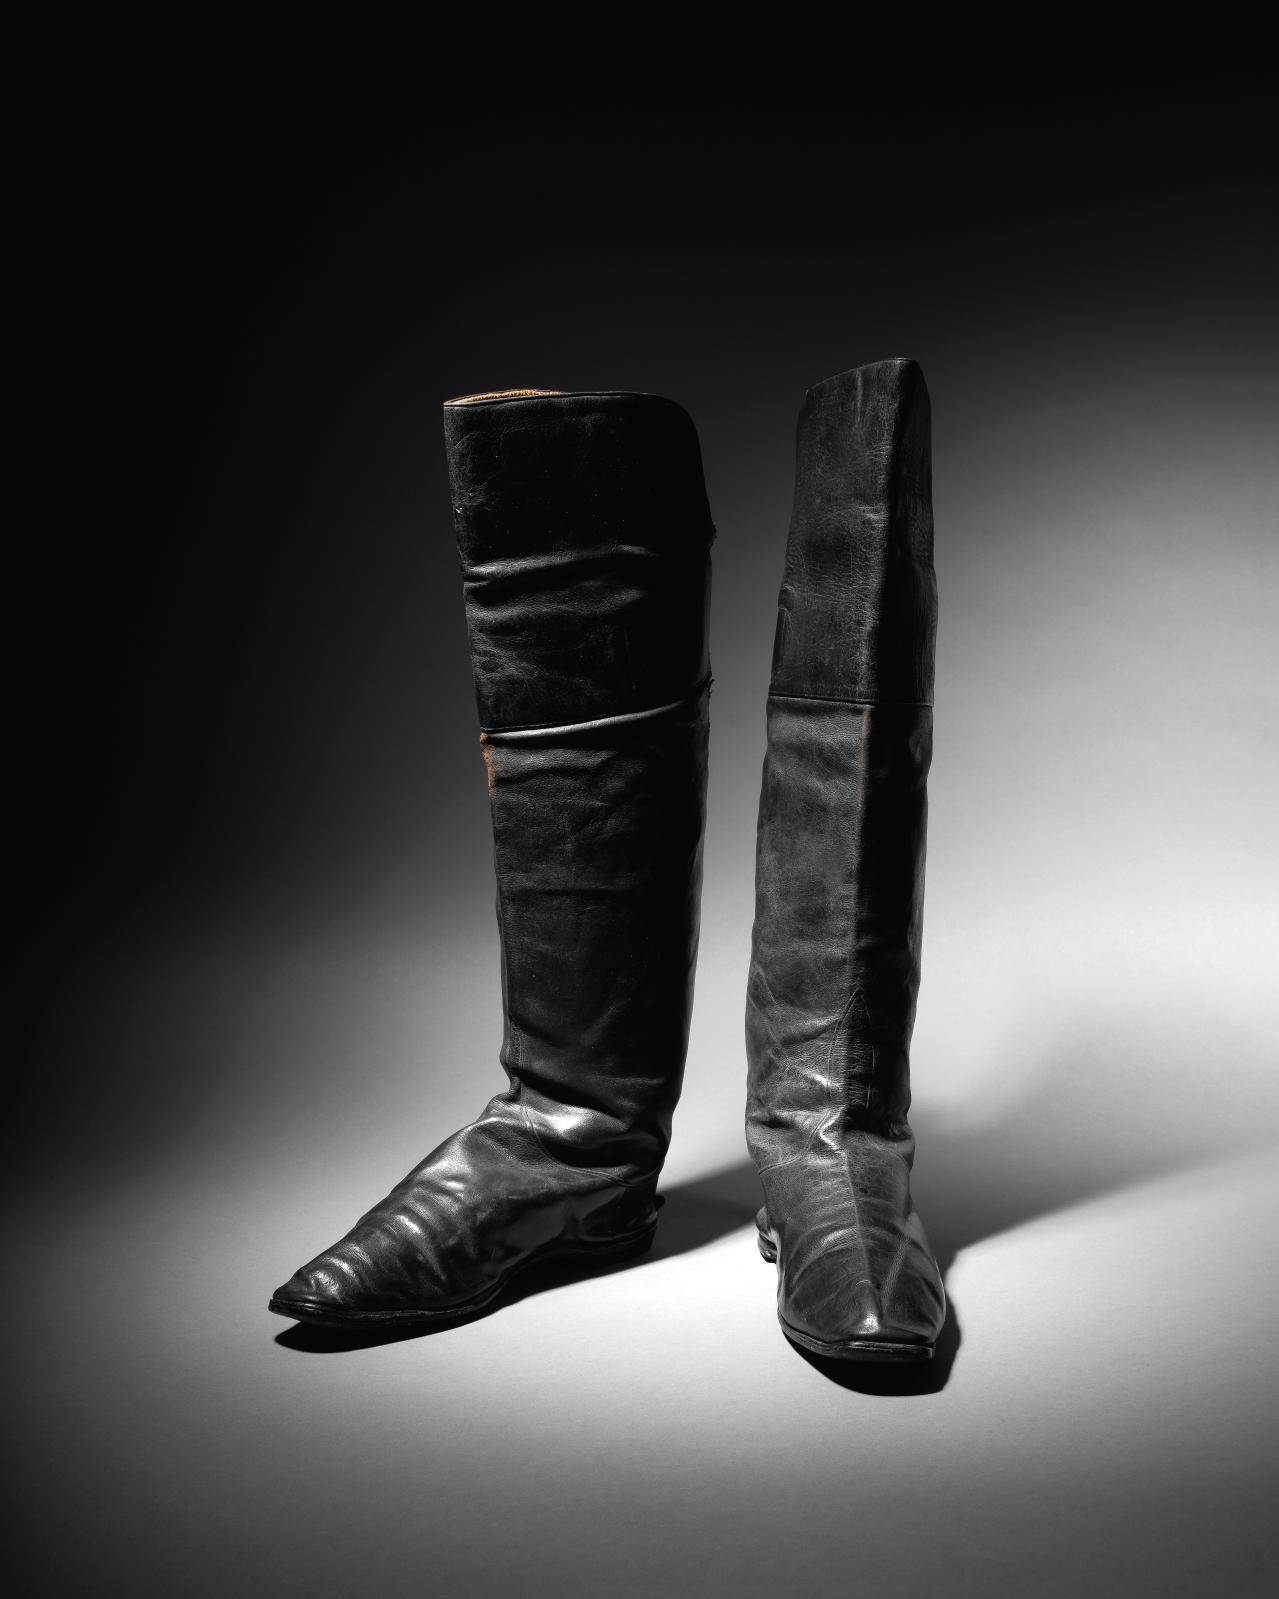 Paire de bottes «à l'écuyère» attribuée à Napoléon Ier, maroquin noir, semelles à petits talons, doublure de fine peau naturelle, avec ses